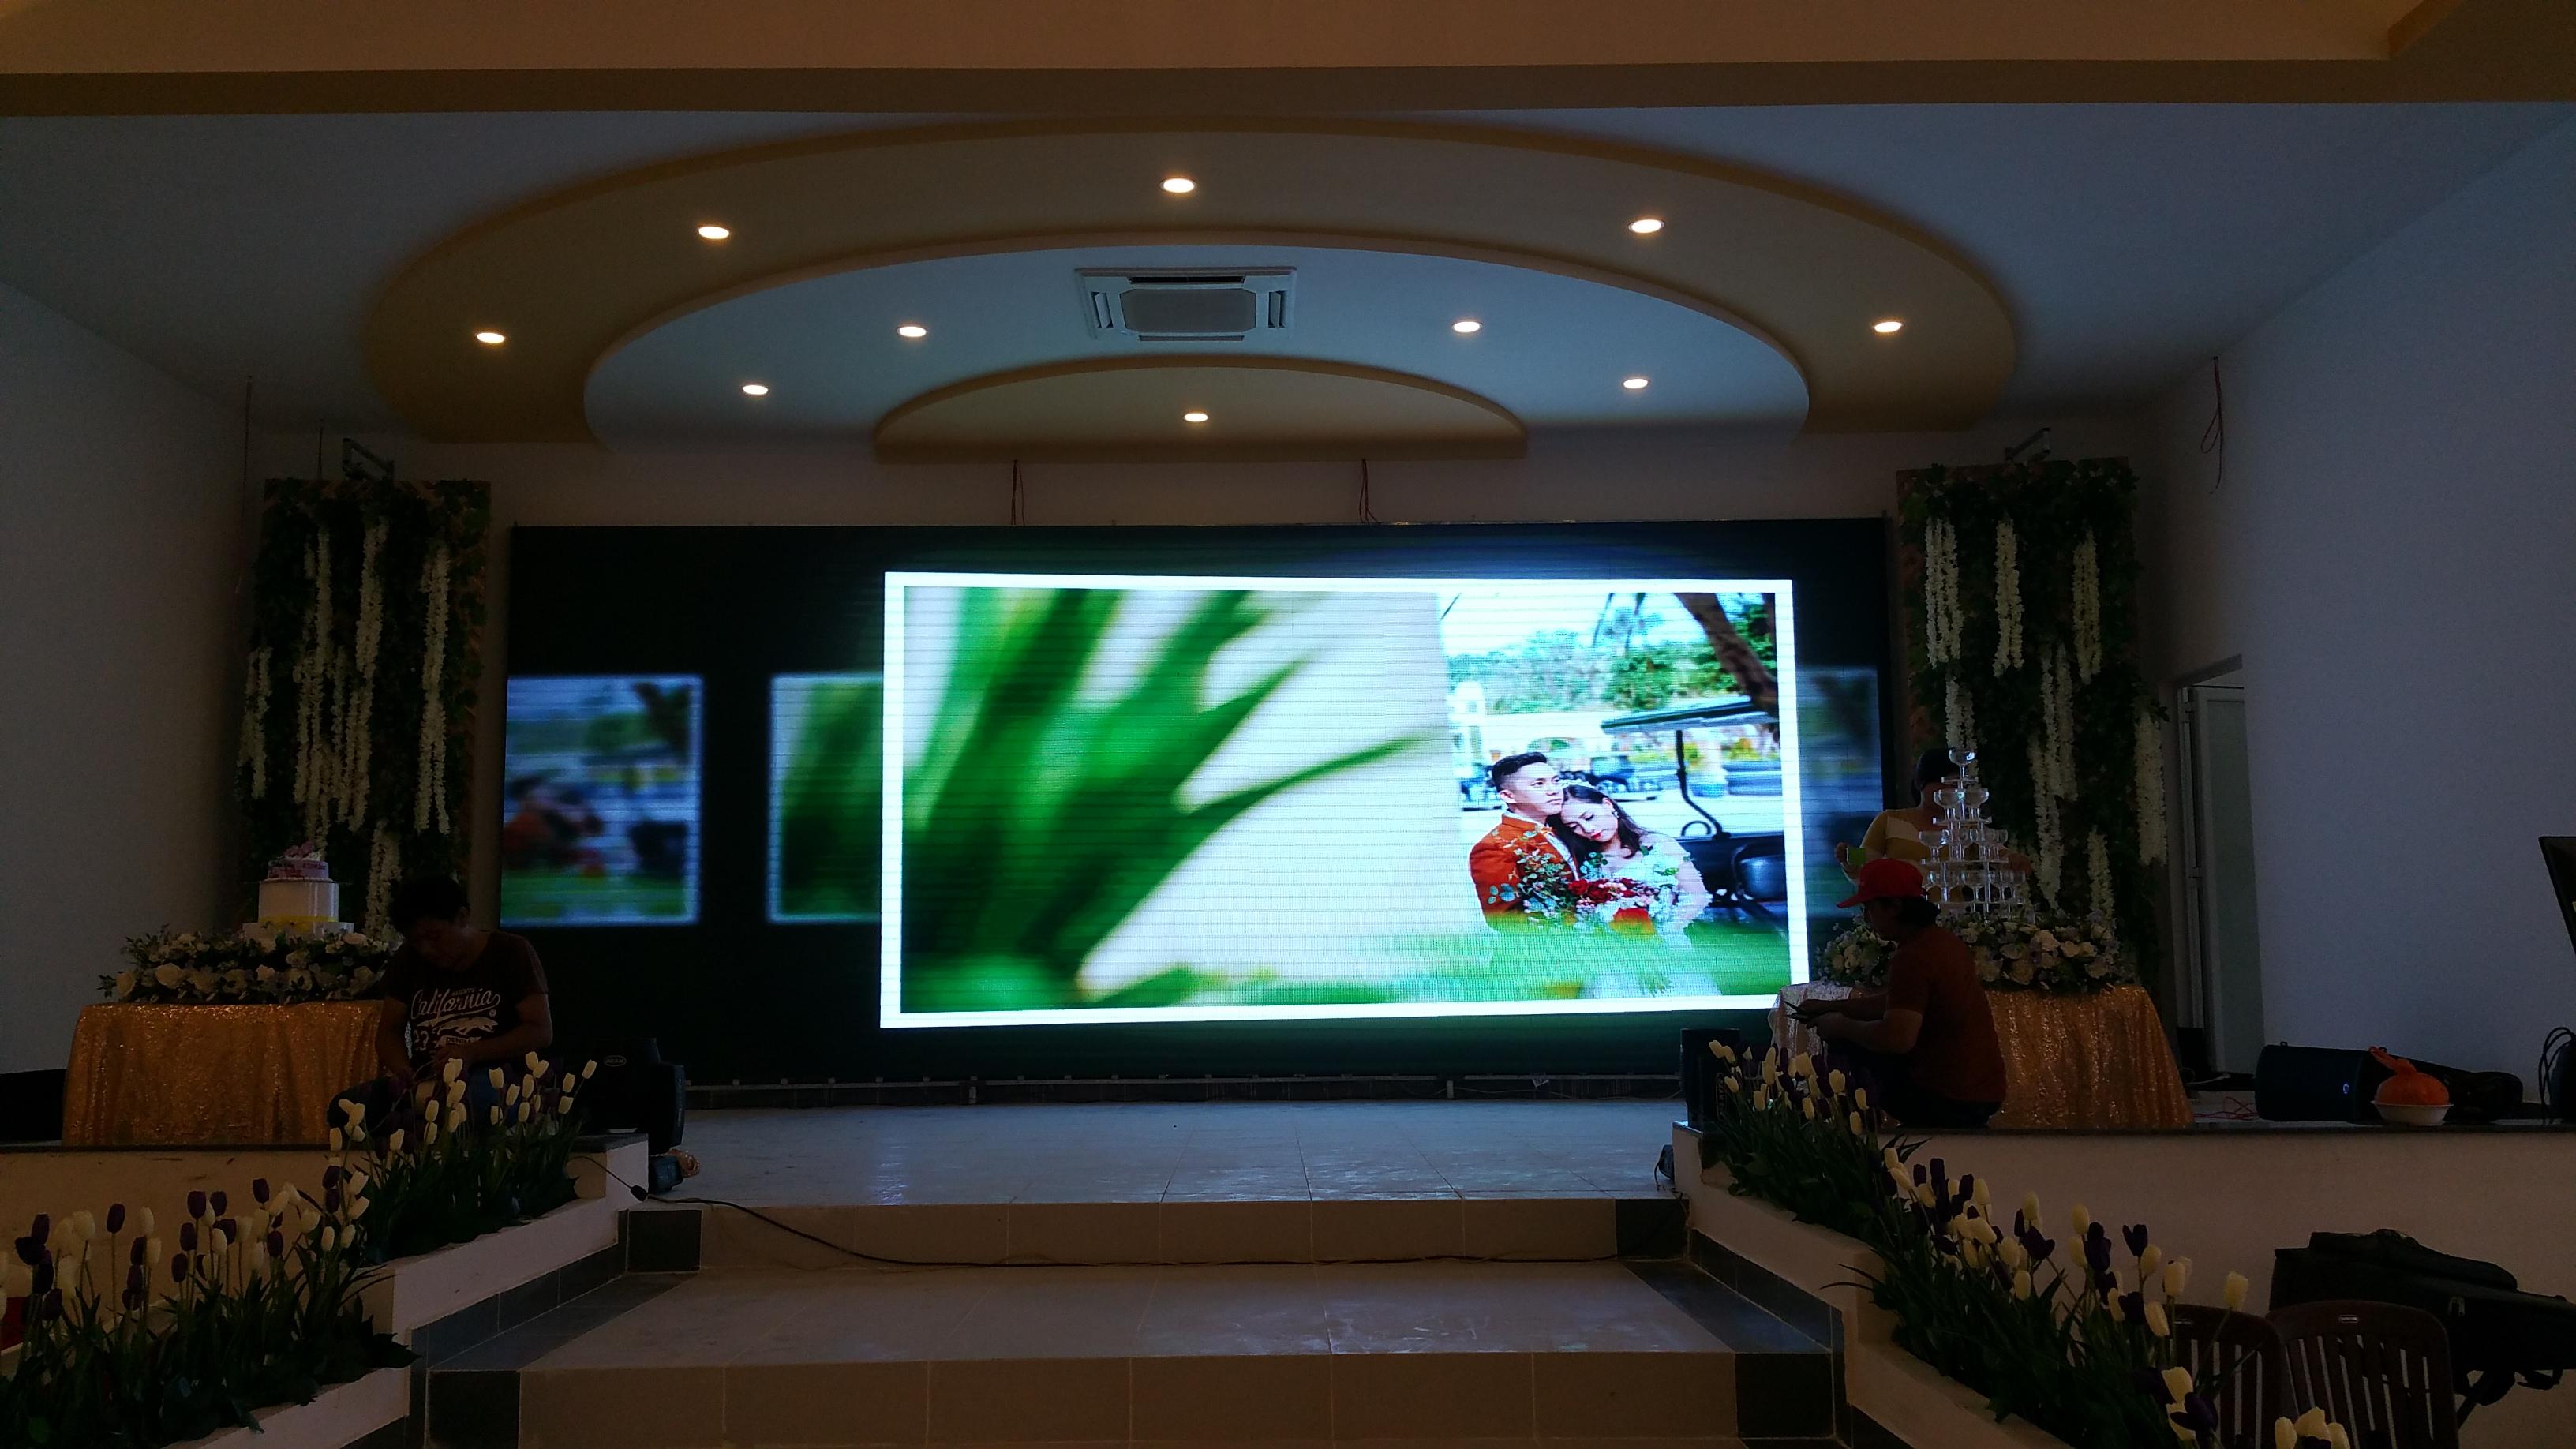 5 Câu hỏi thường gặp về màn hình led p4 giá rẻ